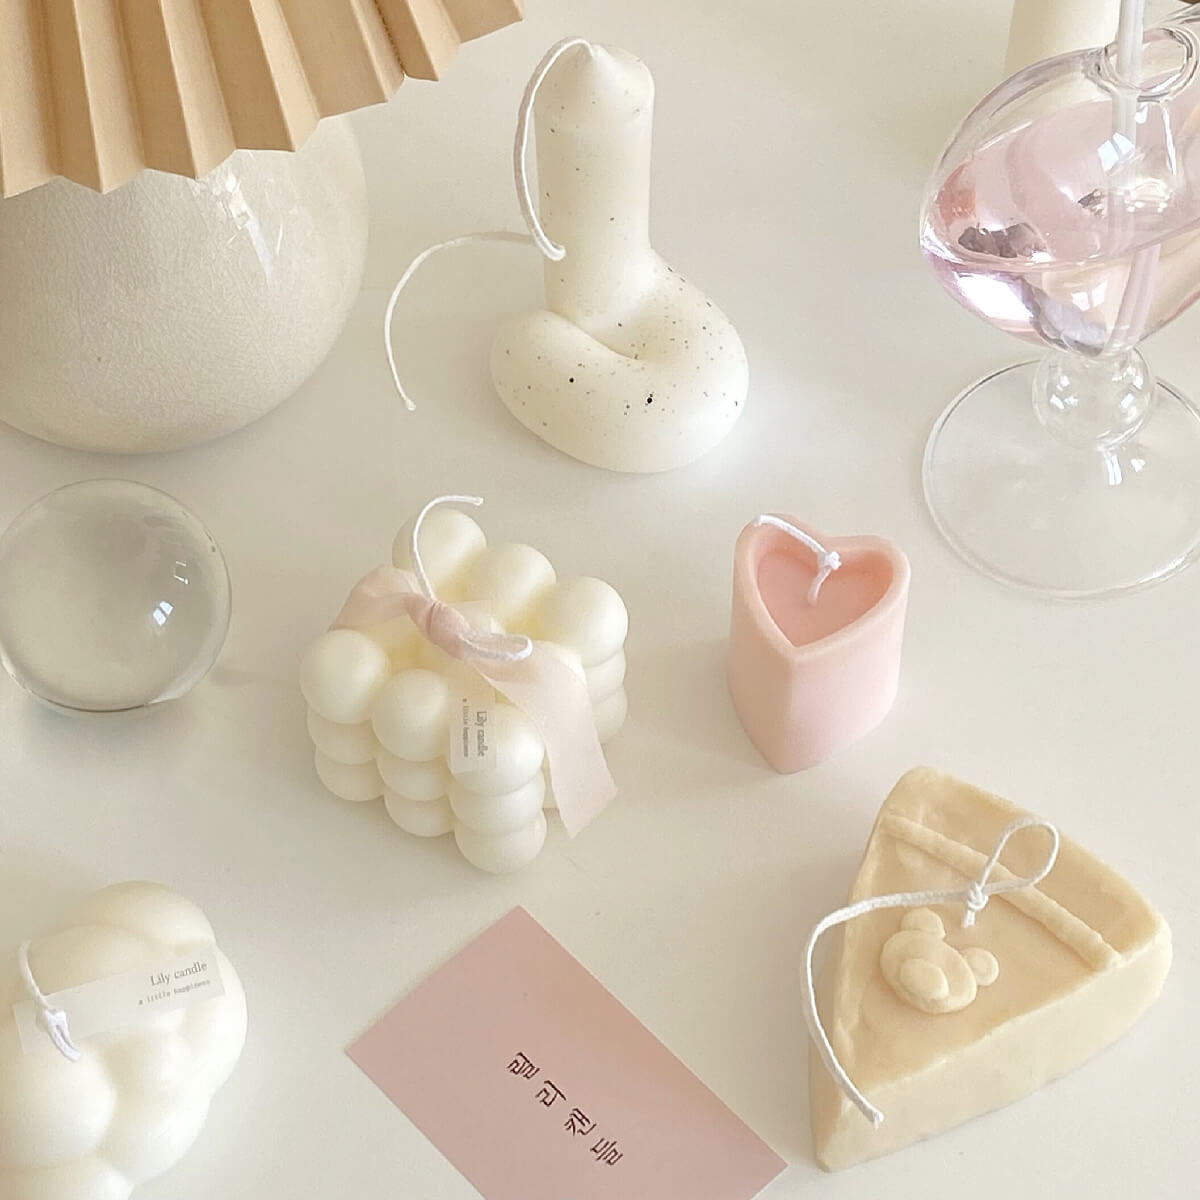 Lily candle(リリーキャンドル)の韓国キャンドル